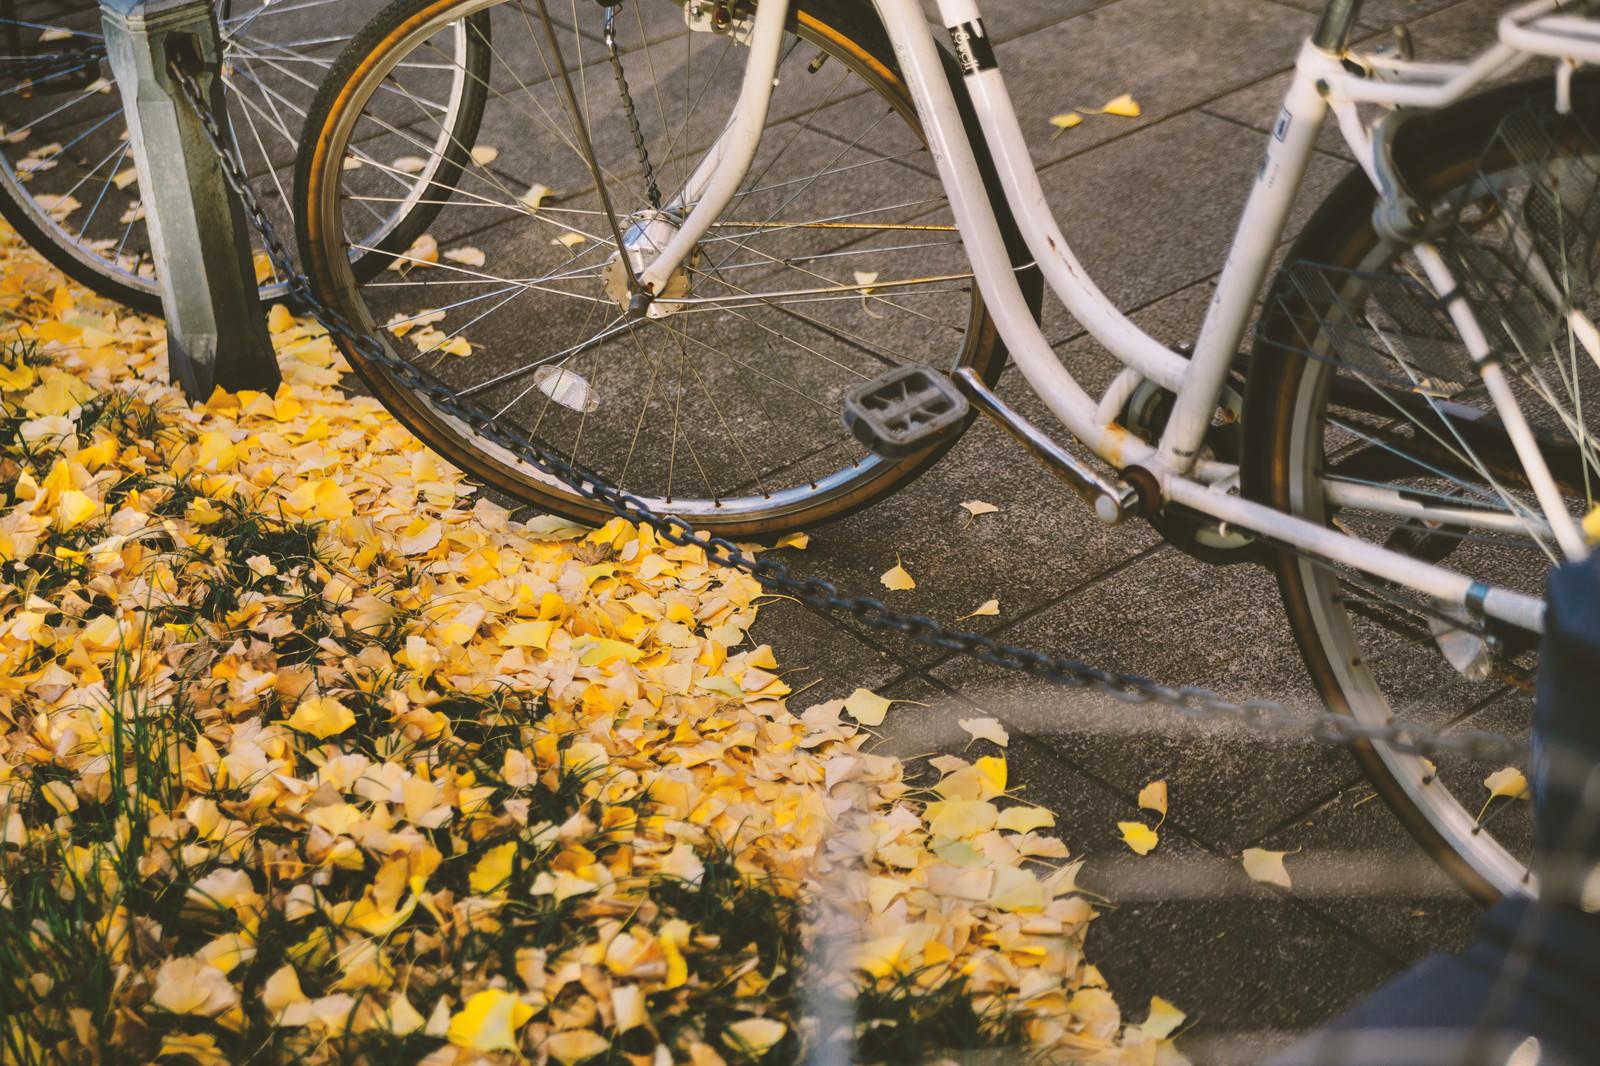 「放置自転車と銀杏の葉放置自転車と銀杏の葉」のフリー写真素材を拡大